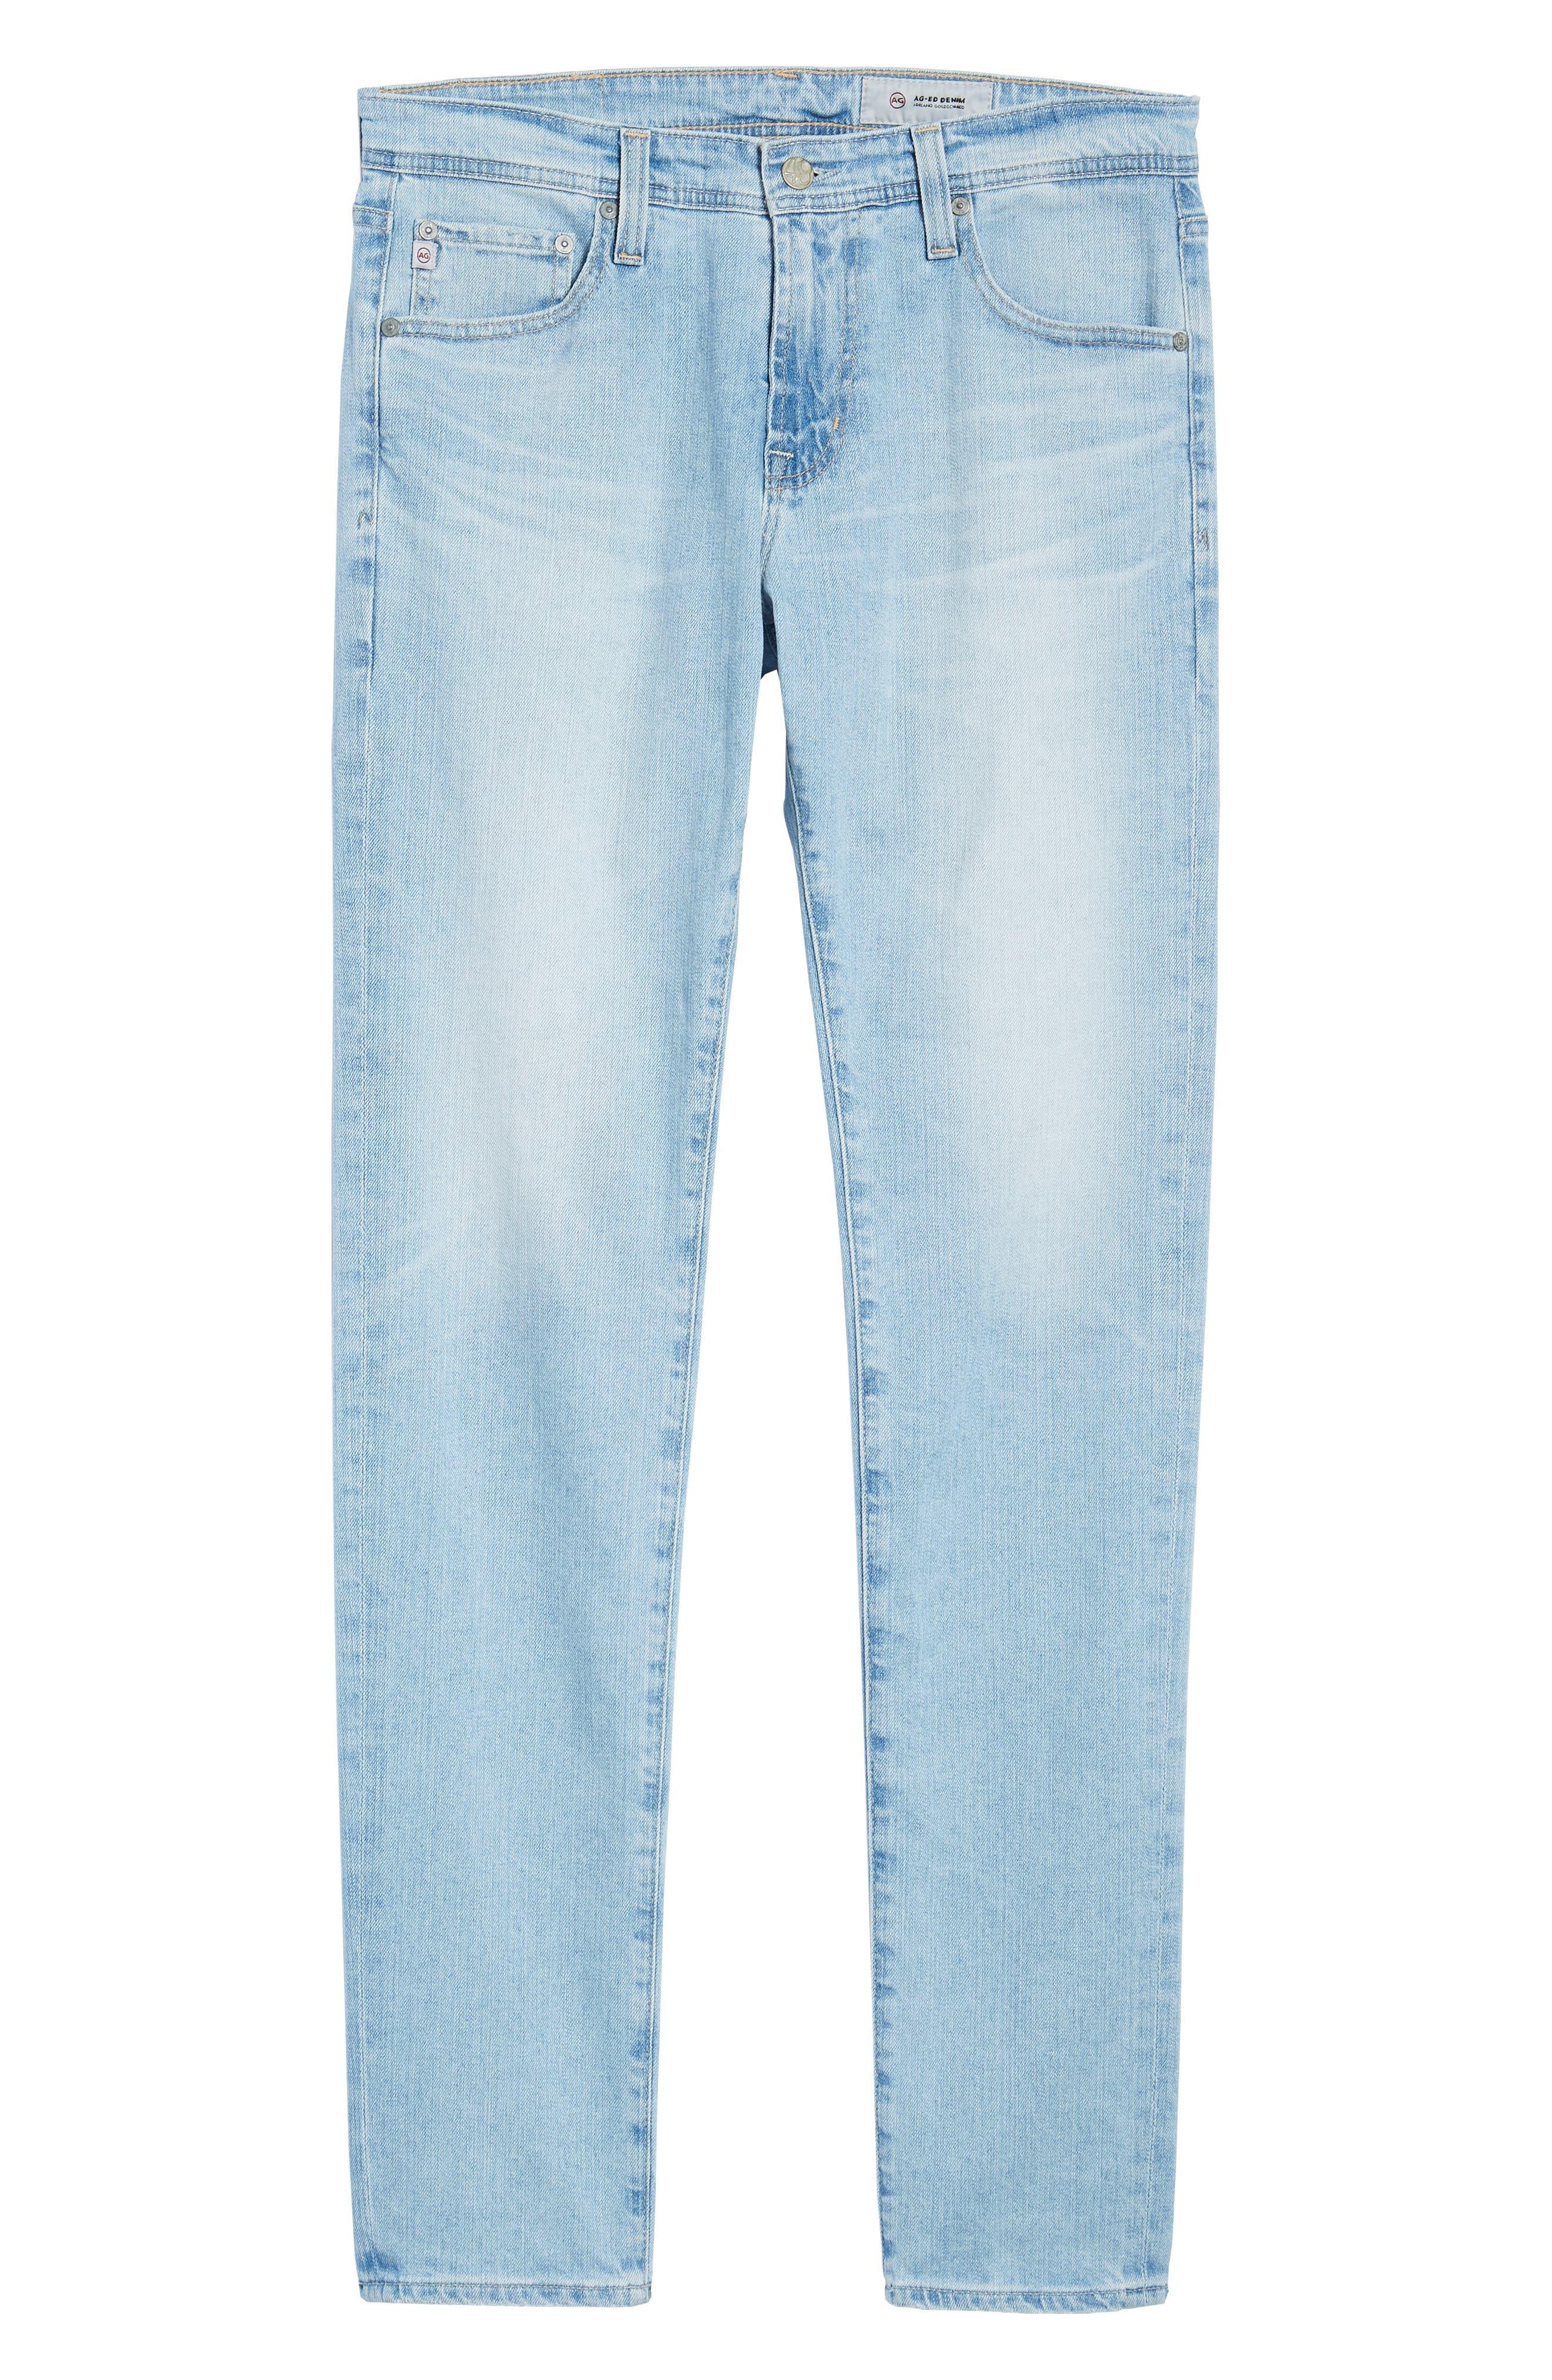 Stockton Skinny Fit Jeans,                             Alternate thumbnail 6, color,                             494